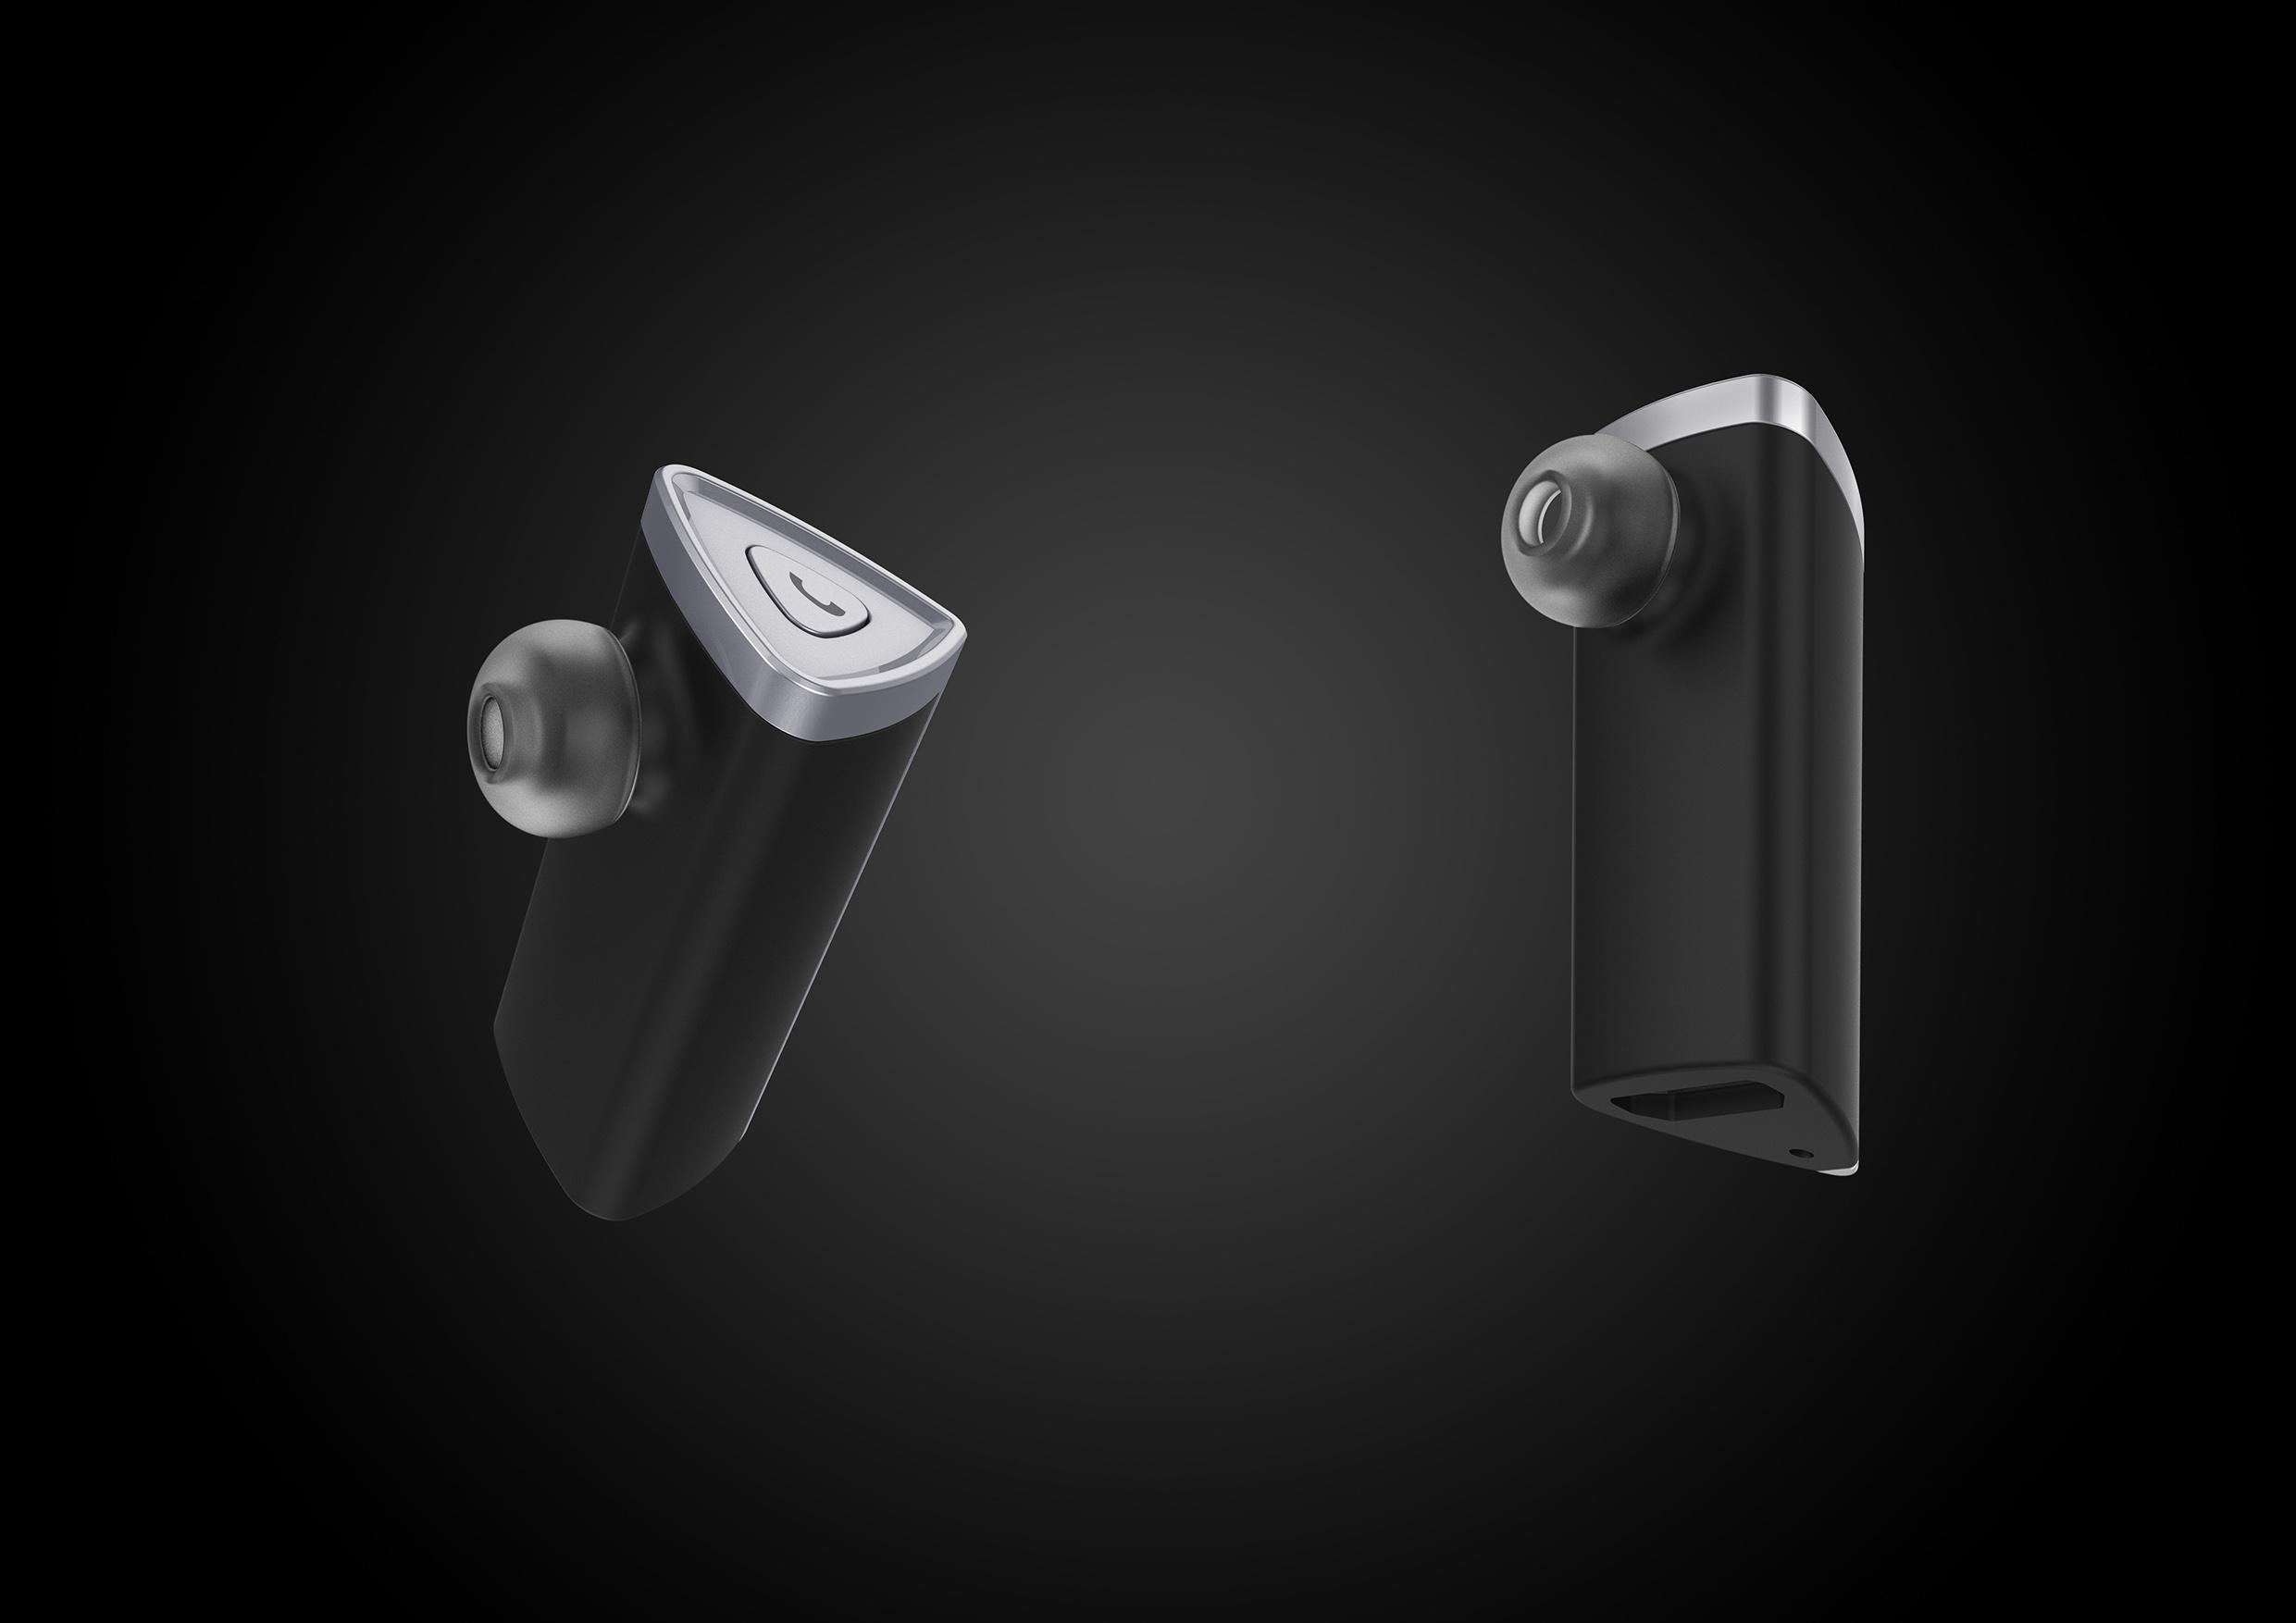 蓝牙耳机2_产品设计-来设计